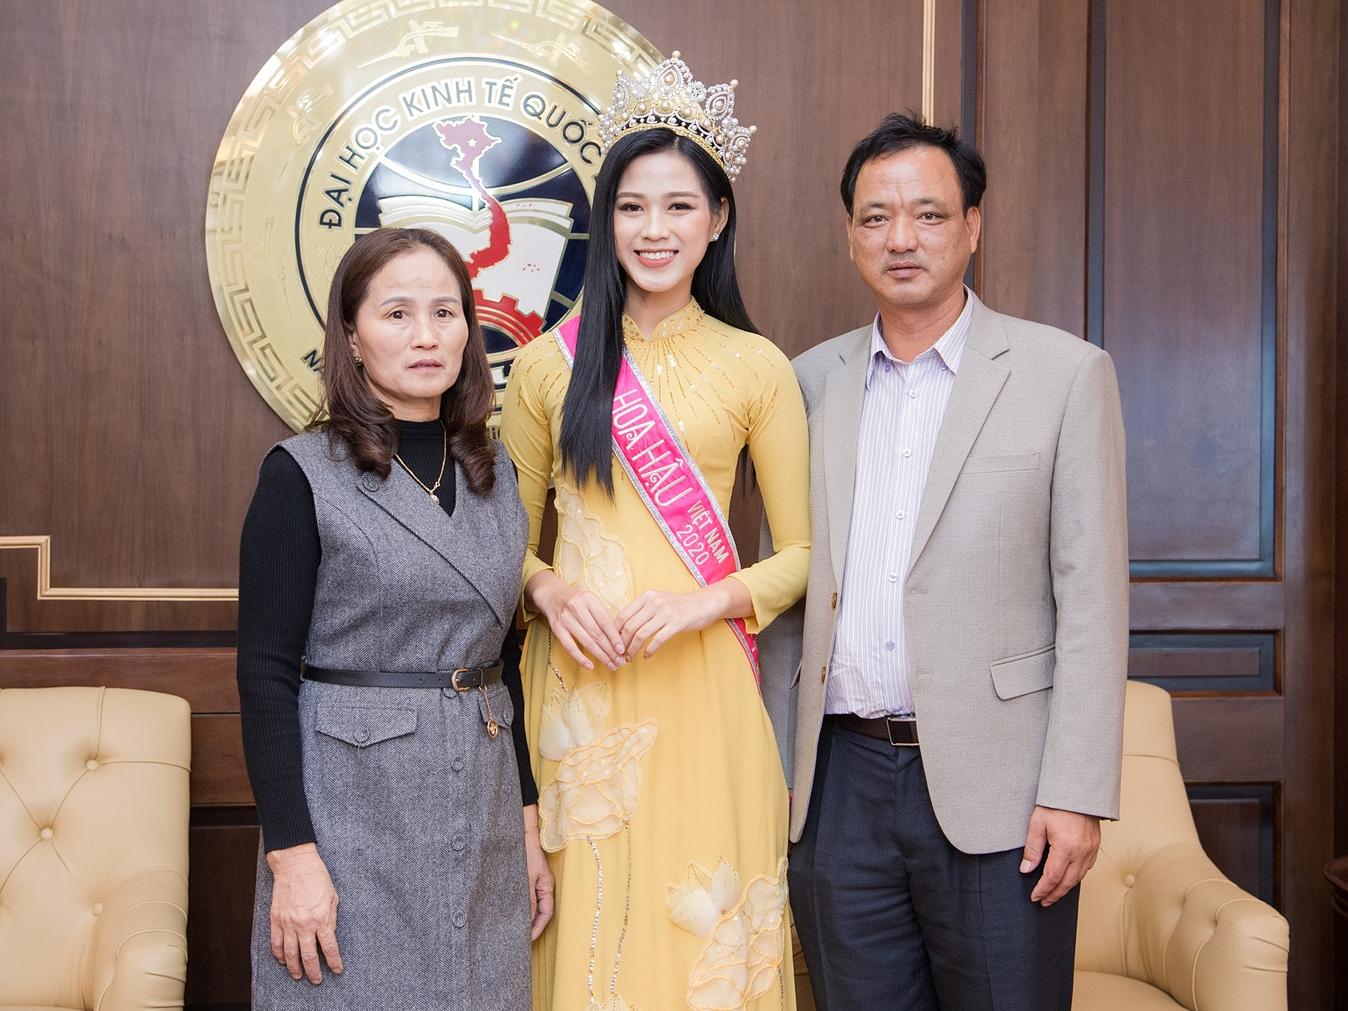 Bà Cù Thị Hoa, năm nay 53 tuổi là mẹ của đương kim Hoa hậu Việt Nam Đỗ Thị Hà. Trong mắt bà, con gái út rất ngoan ngoãn, hiếu thảo, đồng thời tự lập và chủ động trong mọi việc.